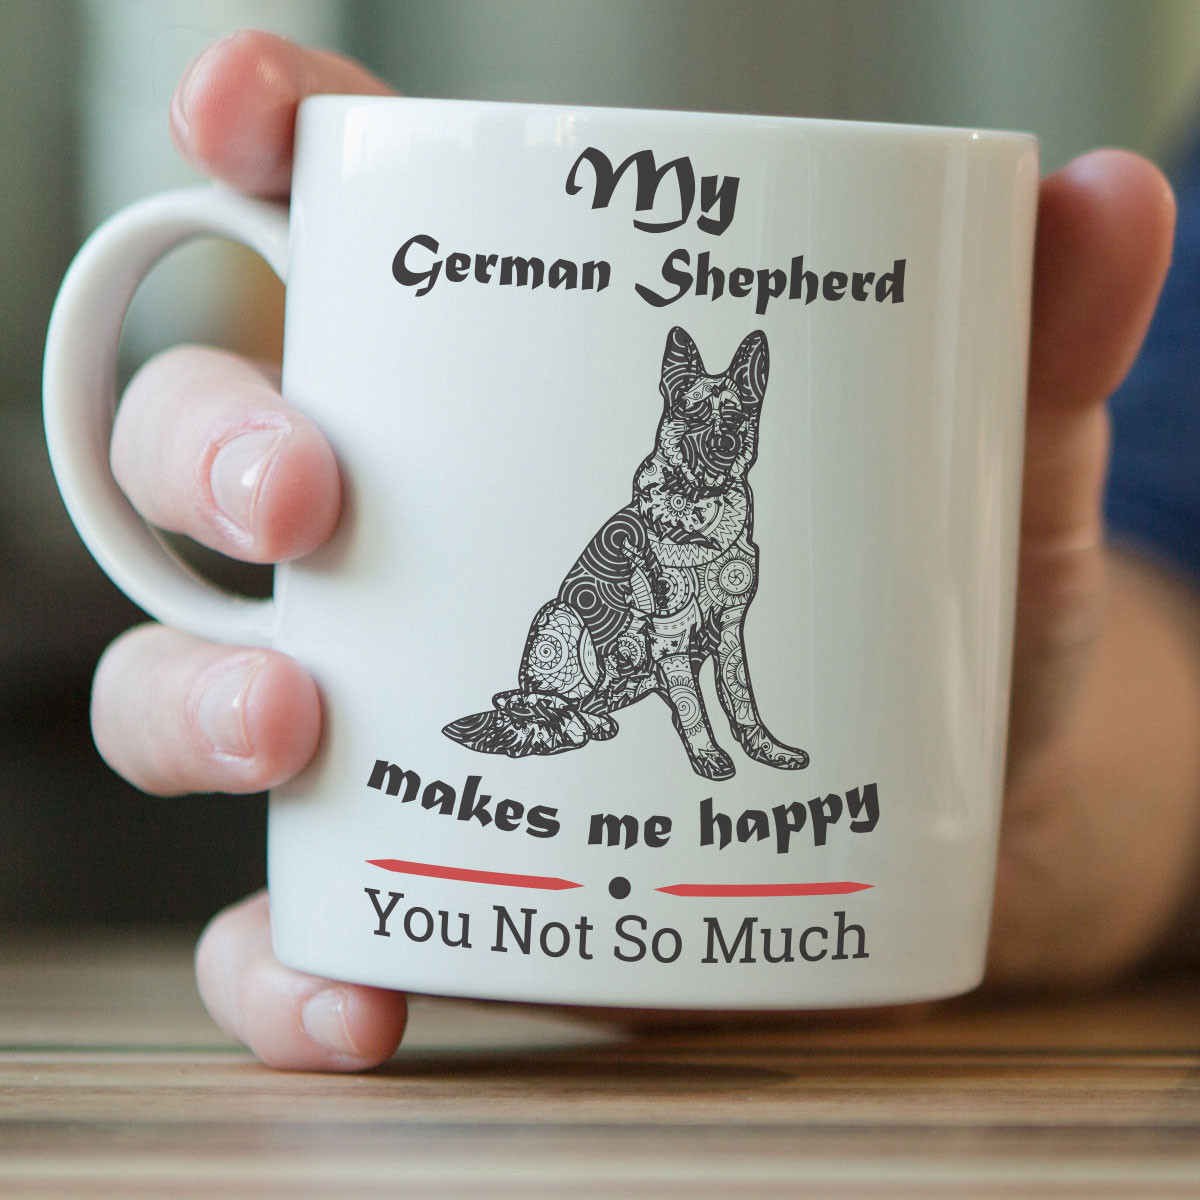 My German Shepherd Makes Me Happy Mug